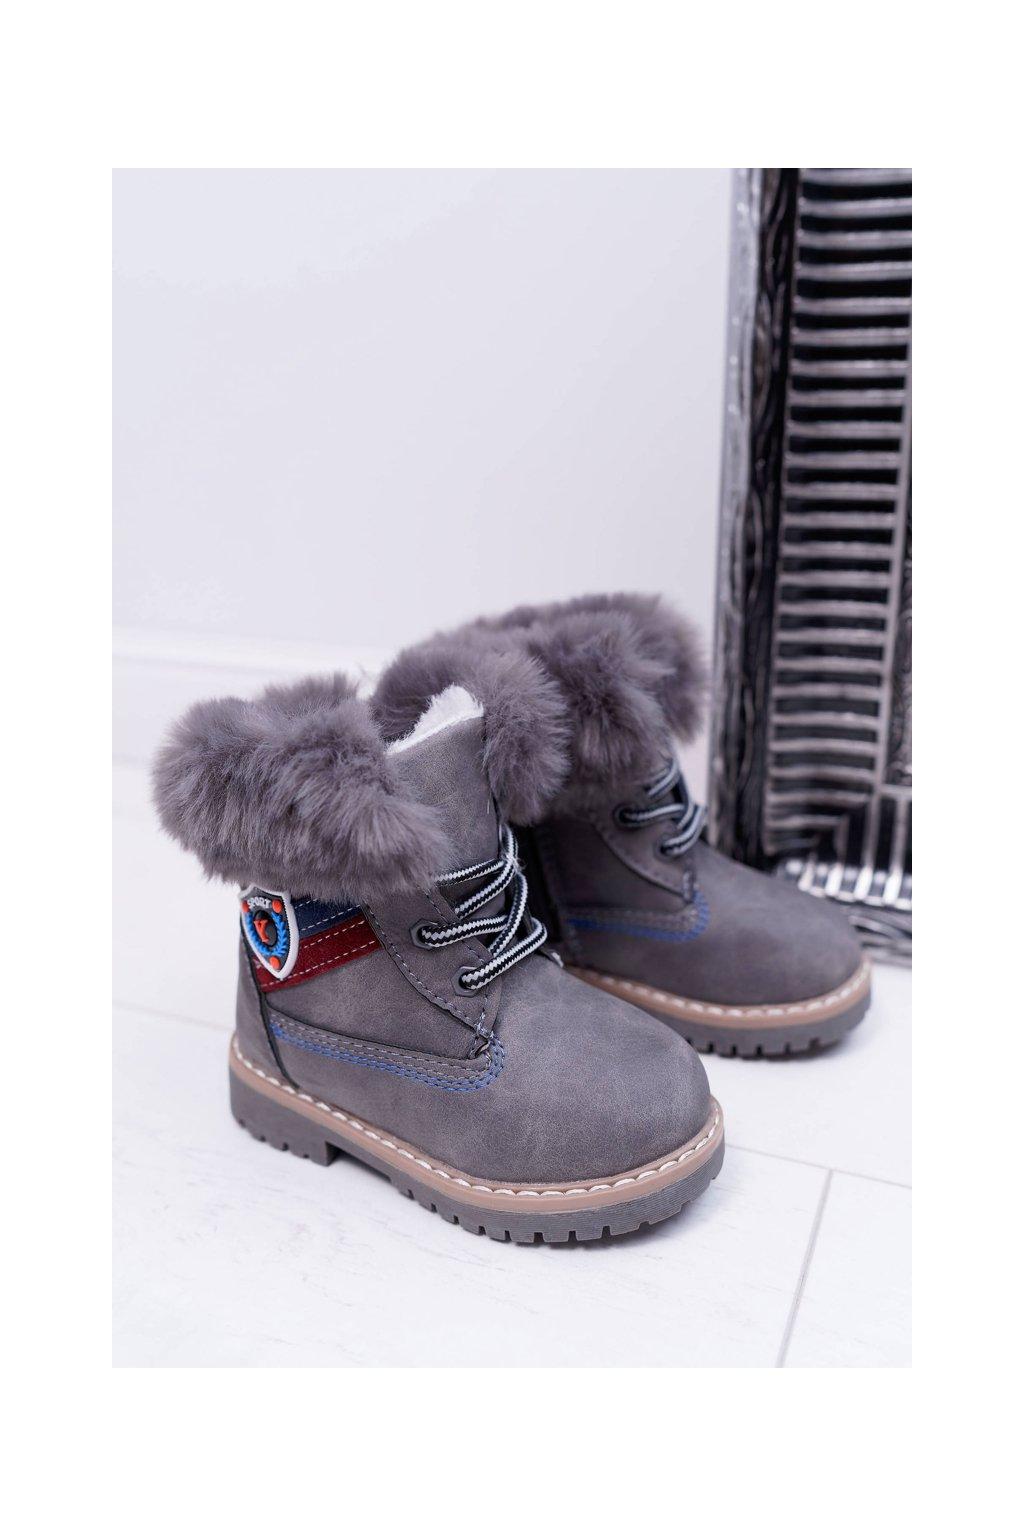 Detské Chlapčenské topánky Teplé sivé Cobi